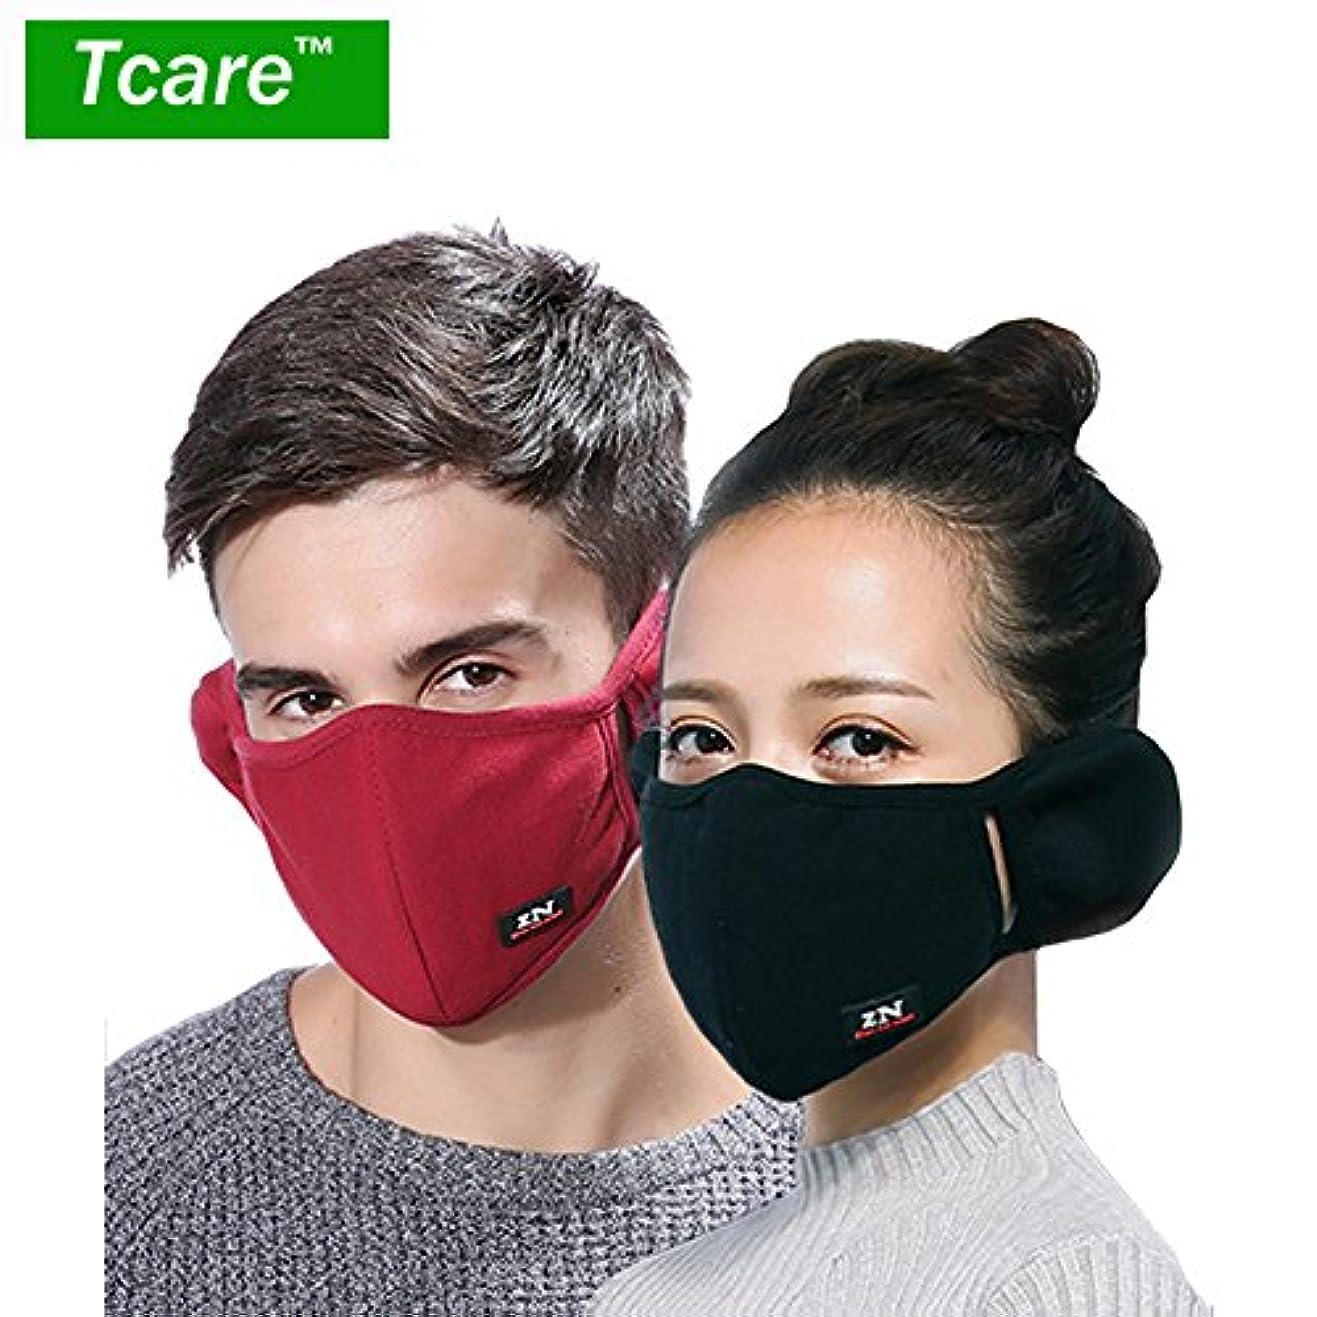 嫌悪暴露するホール男性女性の少年少女のためのTcare呼吸器2レイヤピュアコットン保護フィルター挿入口:9グレー